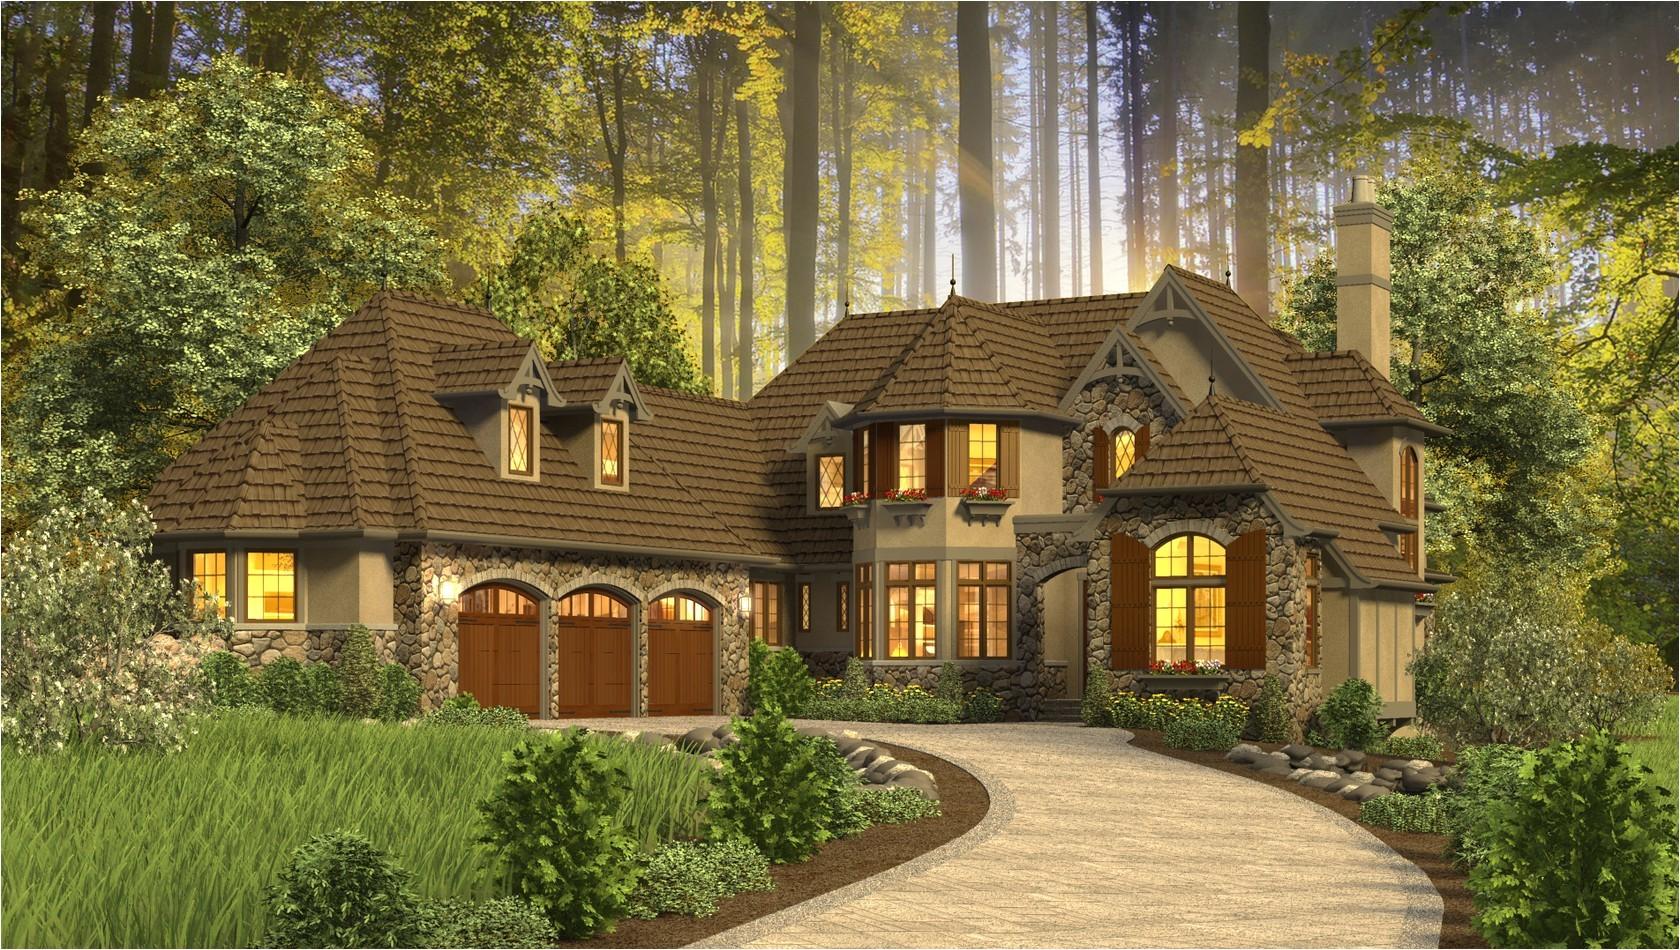 whimsical house plans plan rivendell manor